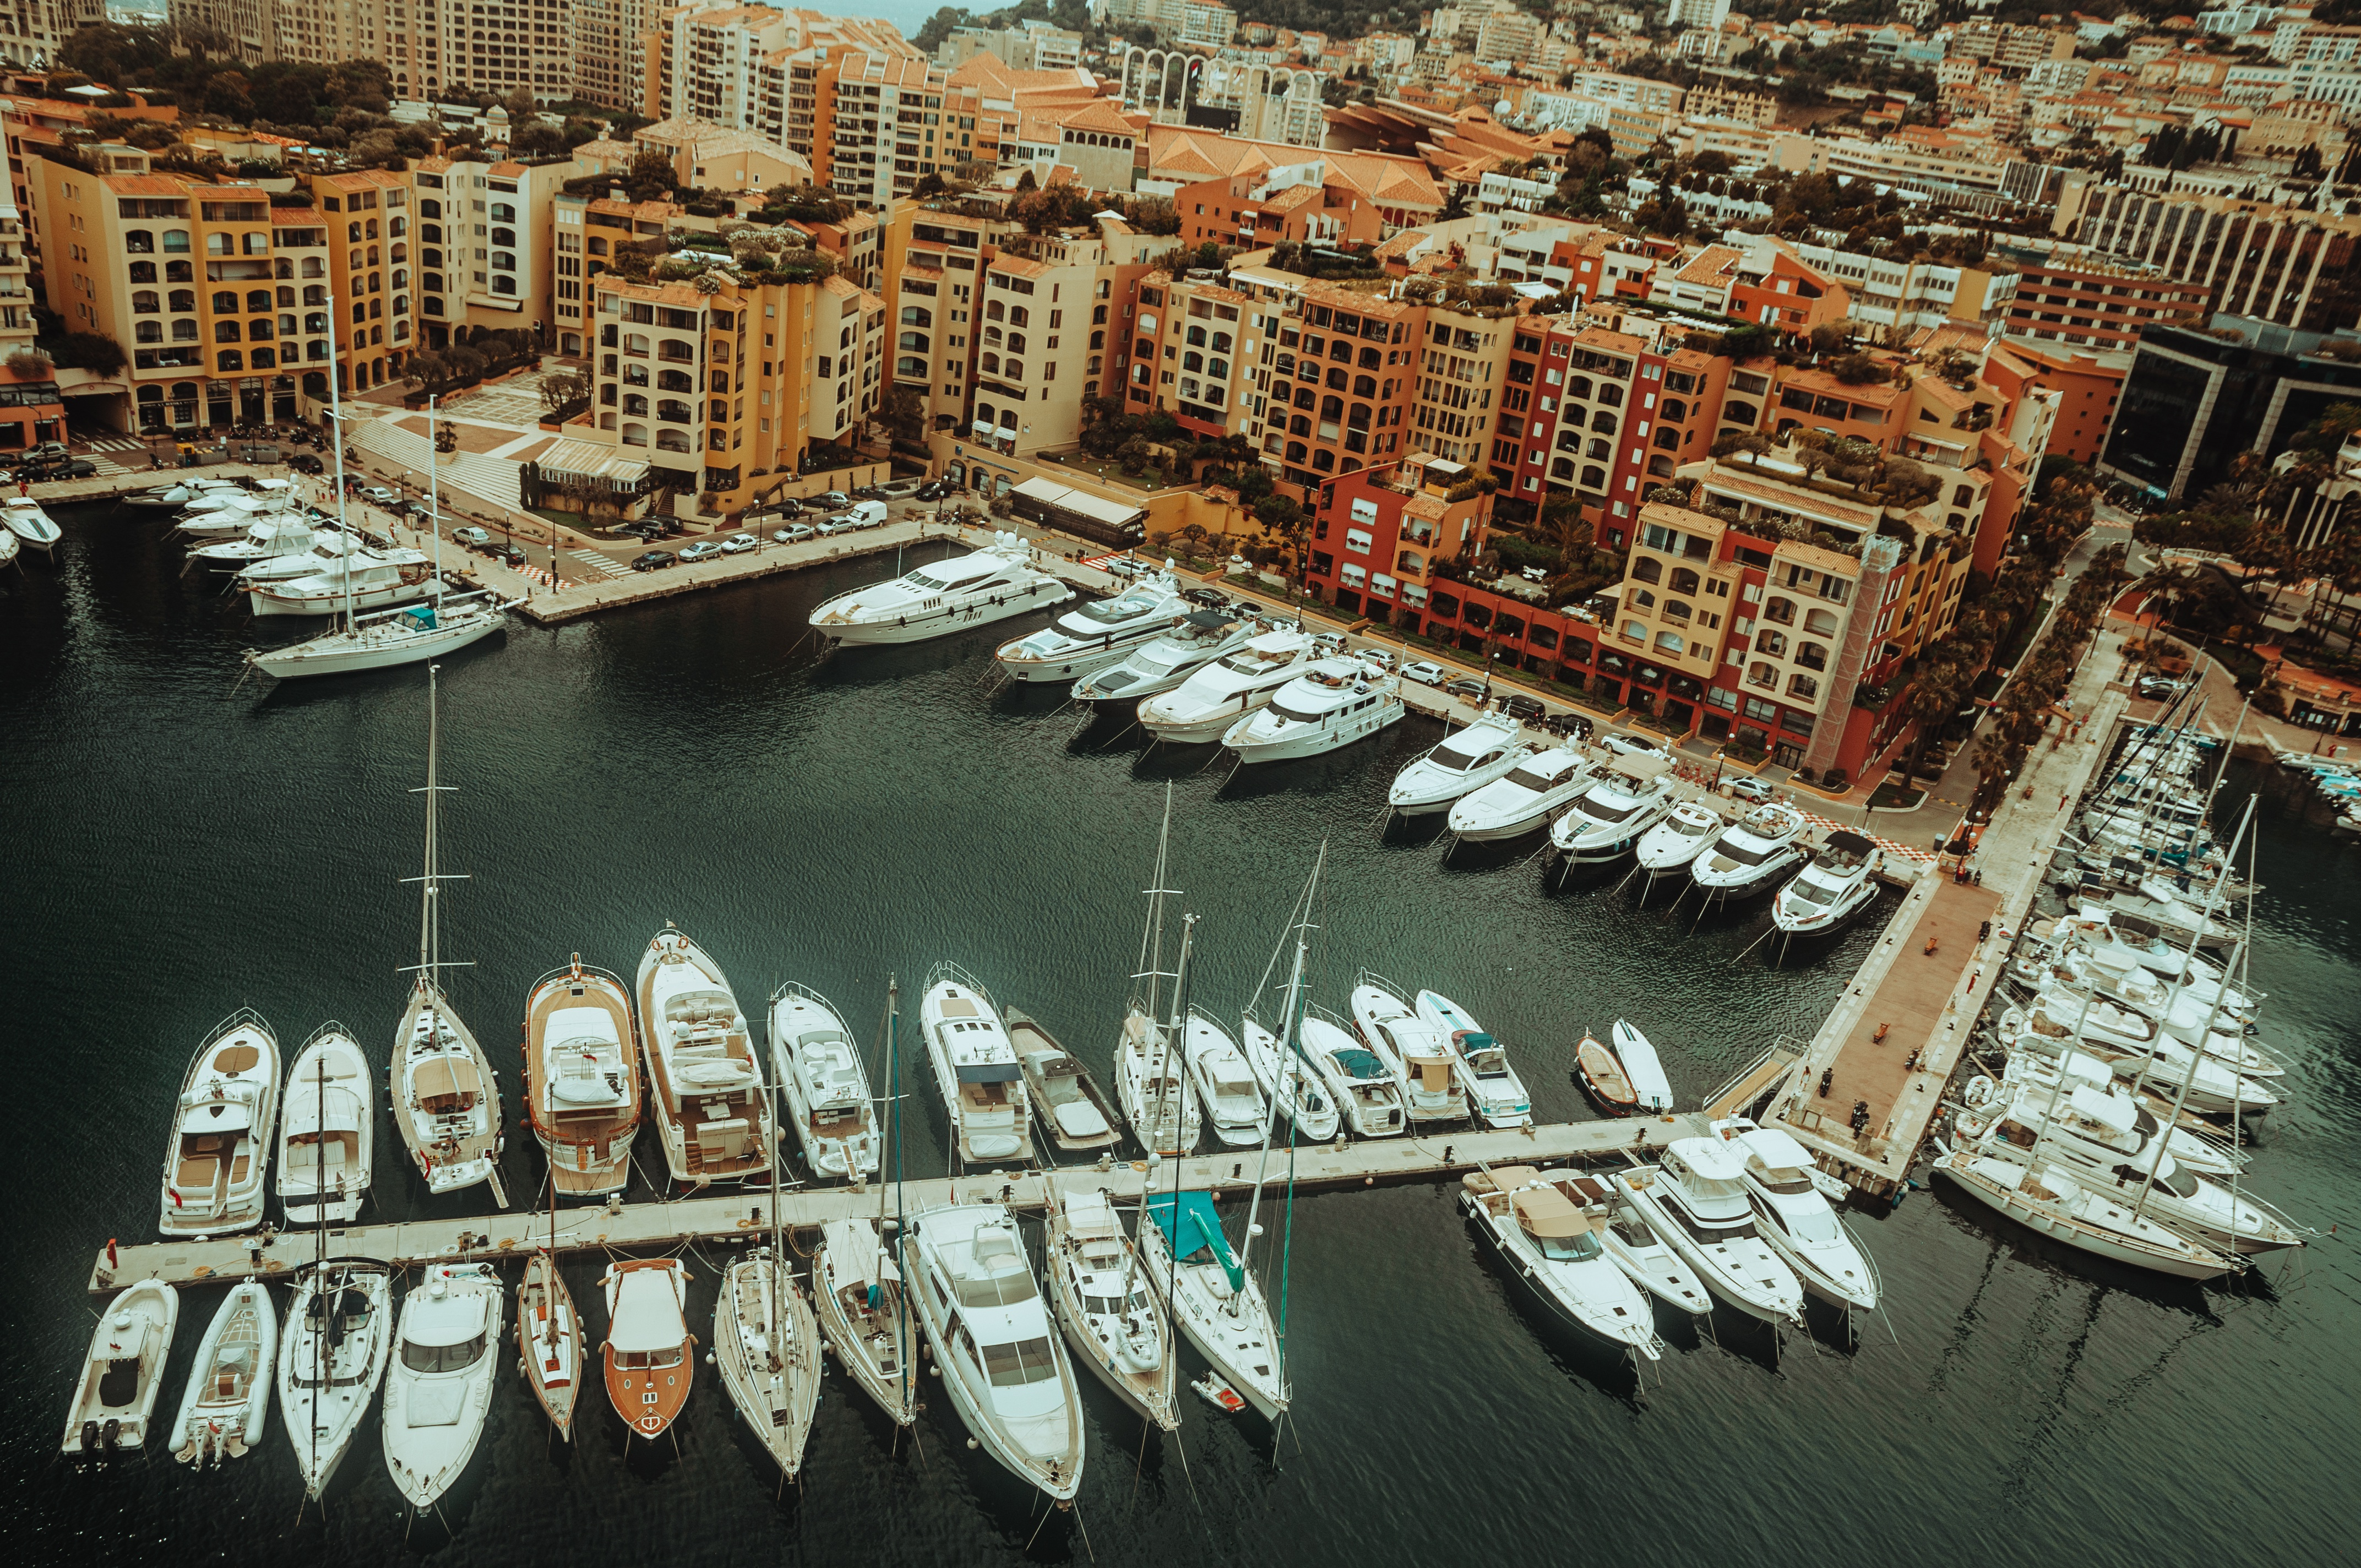 Фото Монте-Карло Монако Яхта Сверху Причалы Города 4288x2848 Пирсы Пристань город